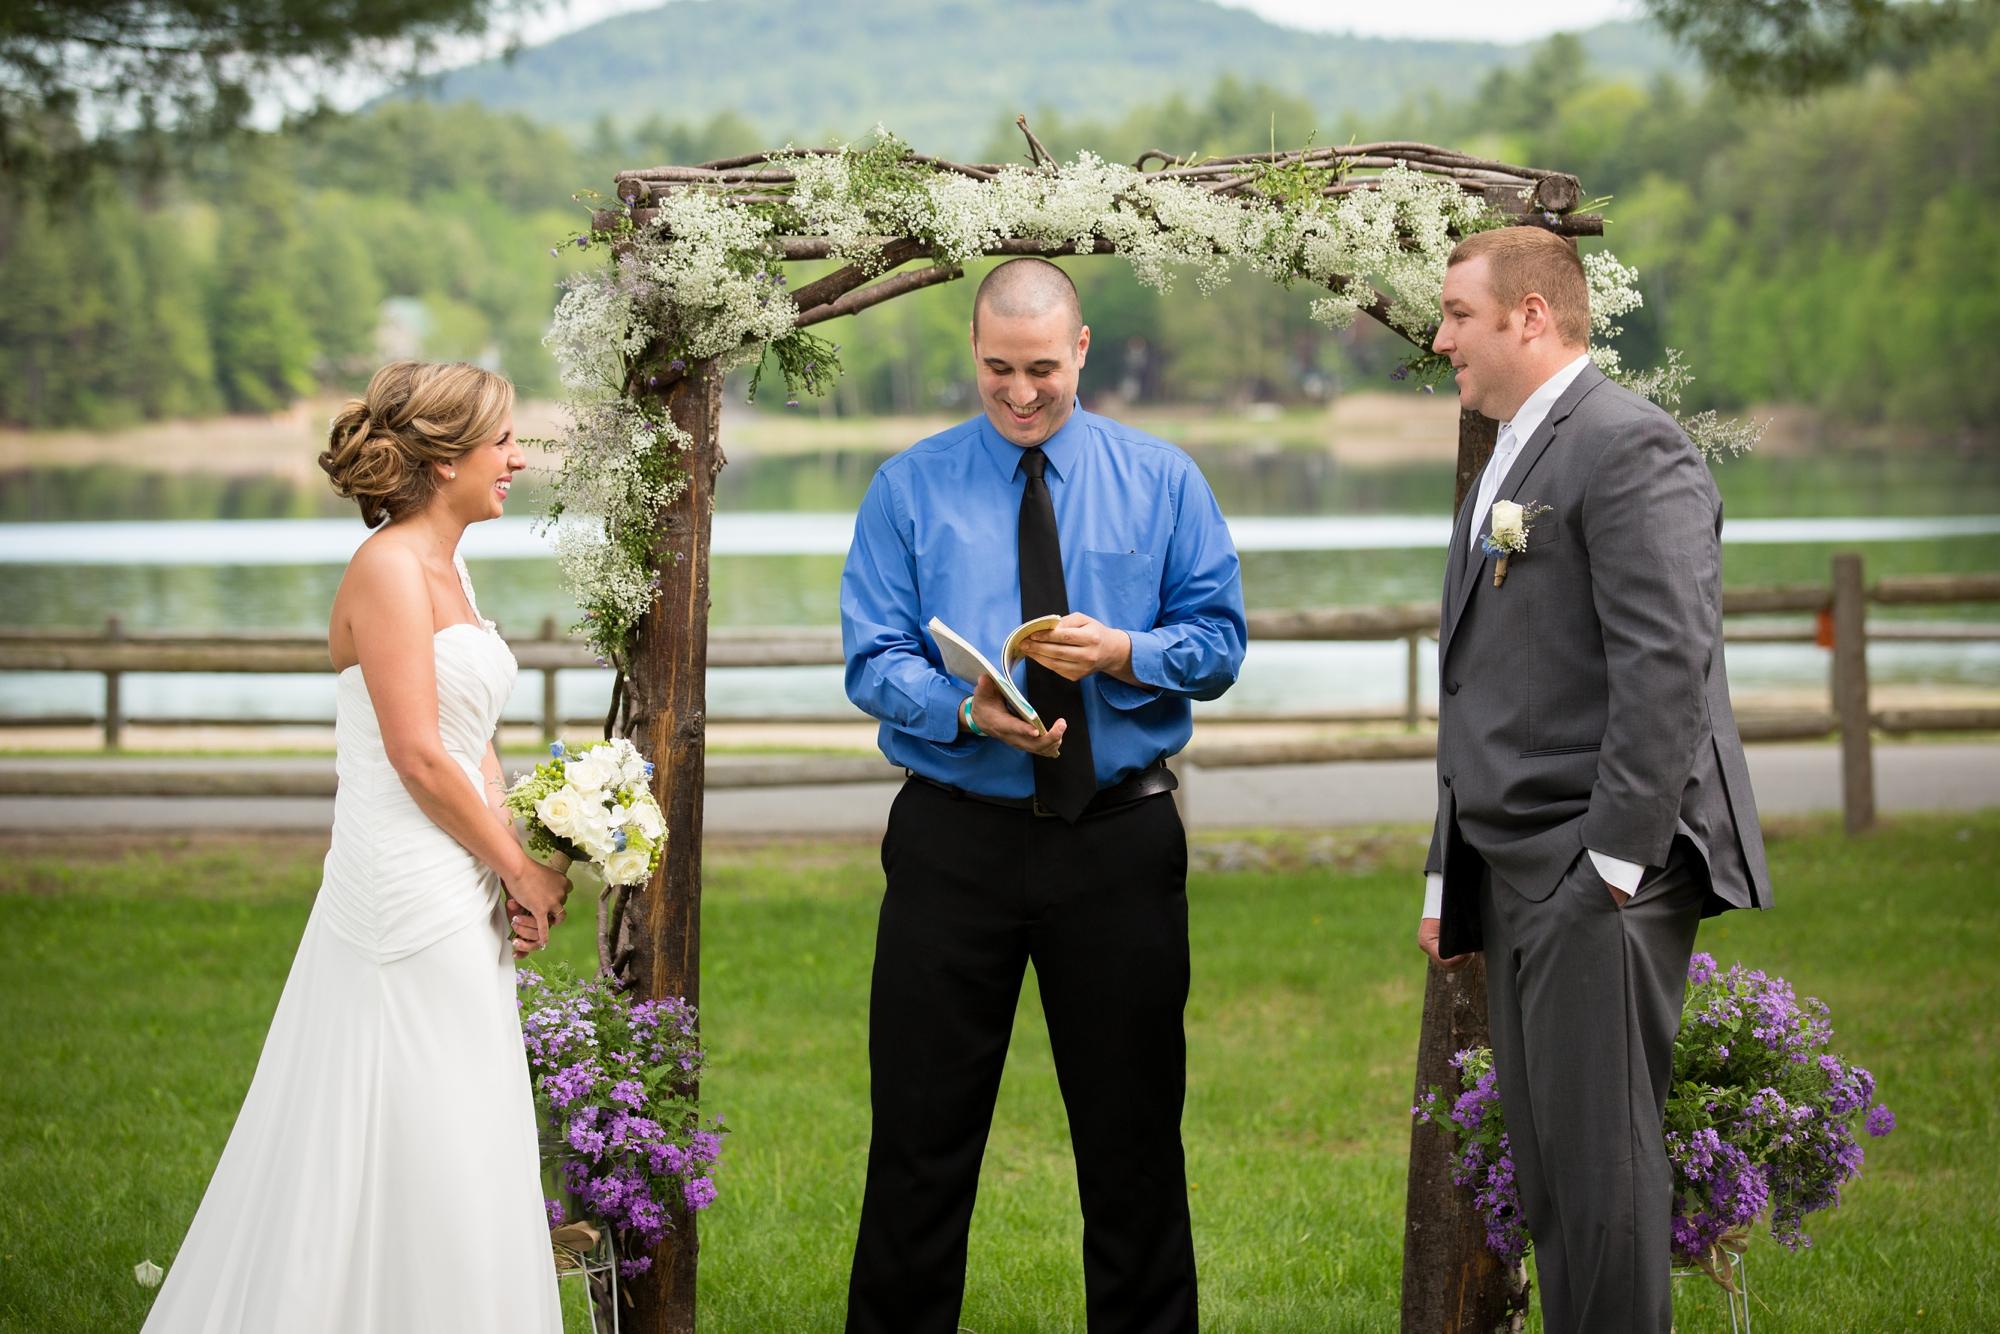 Albany NY Wedding Photographer Justin Tibbitts Photography 2014 Best of Albany NY Weddings-47973108